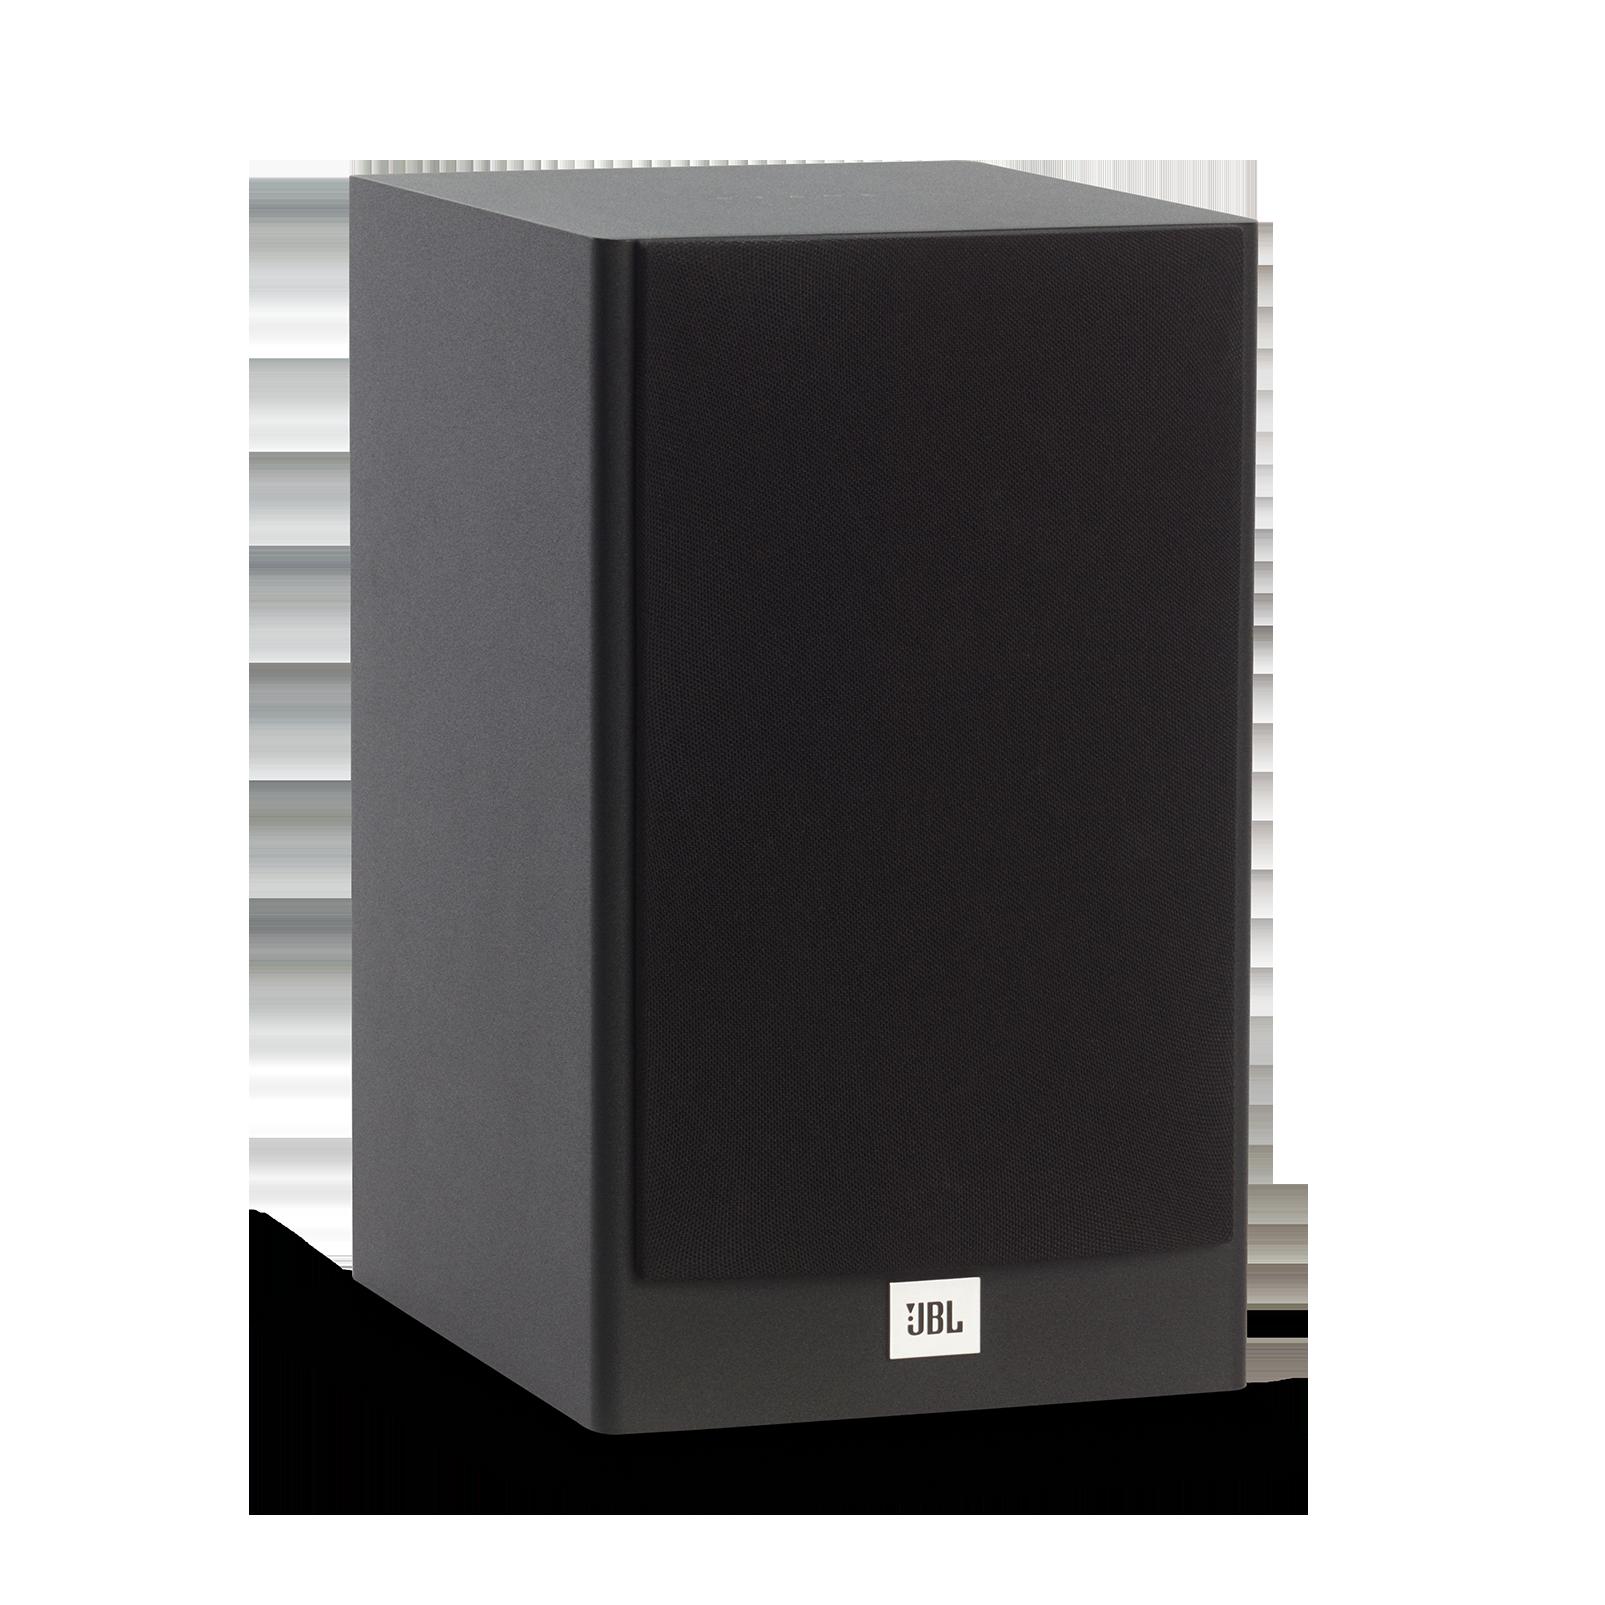 JBL Stage A130 - Black - Home Audio Loudspeaker System - Hero